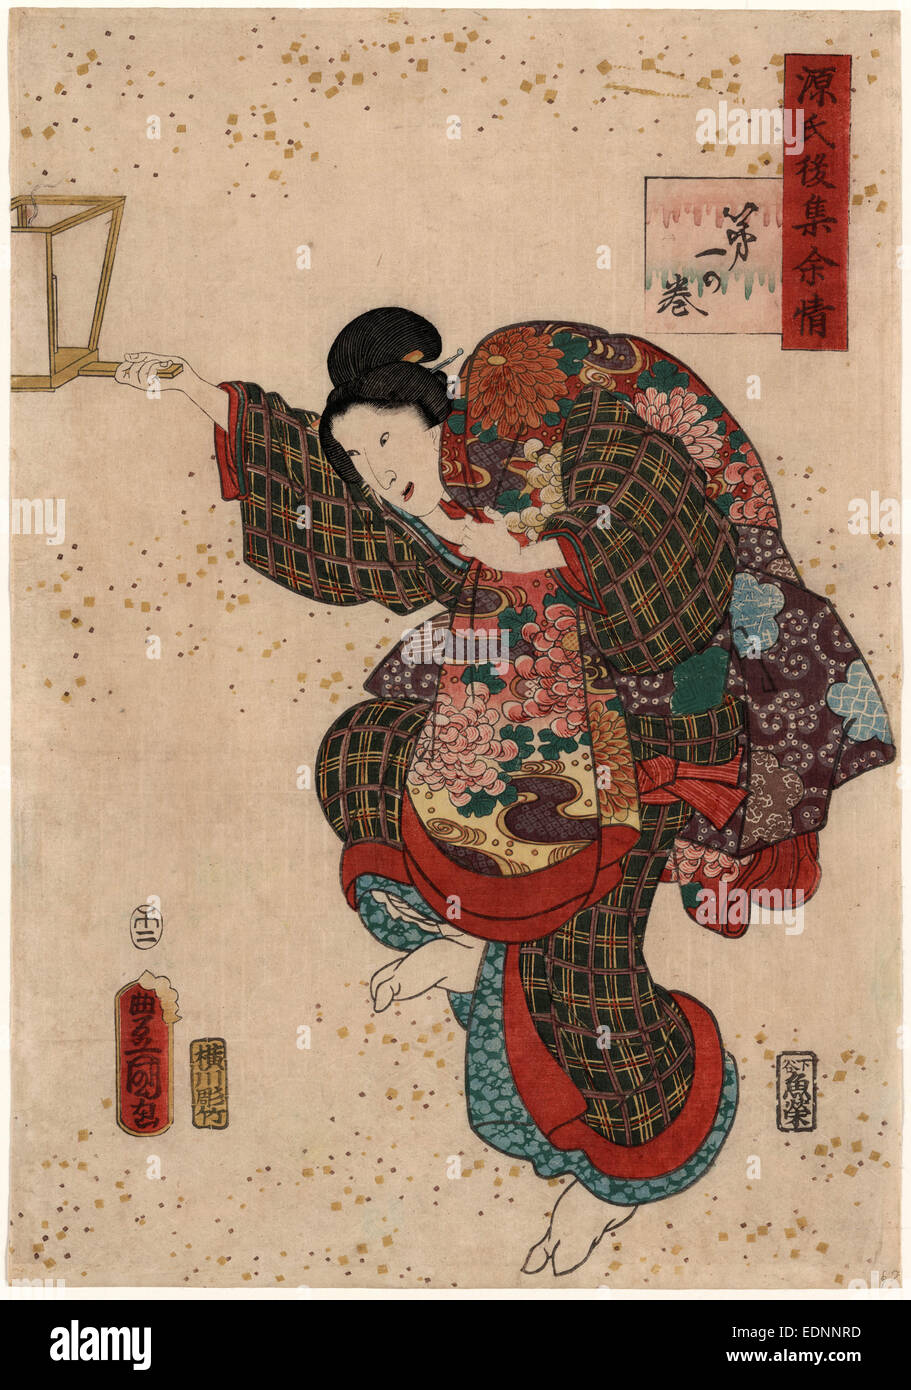 Daiichi no maki, Utagawa, Toyokuni, 1786-1865 - Stock Image